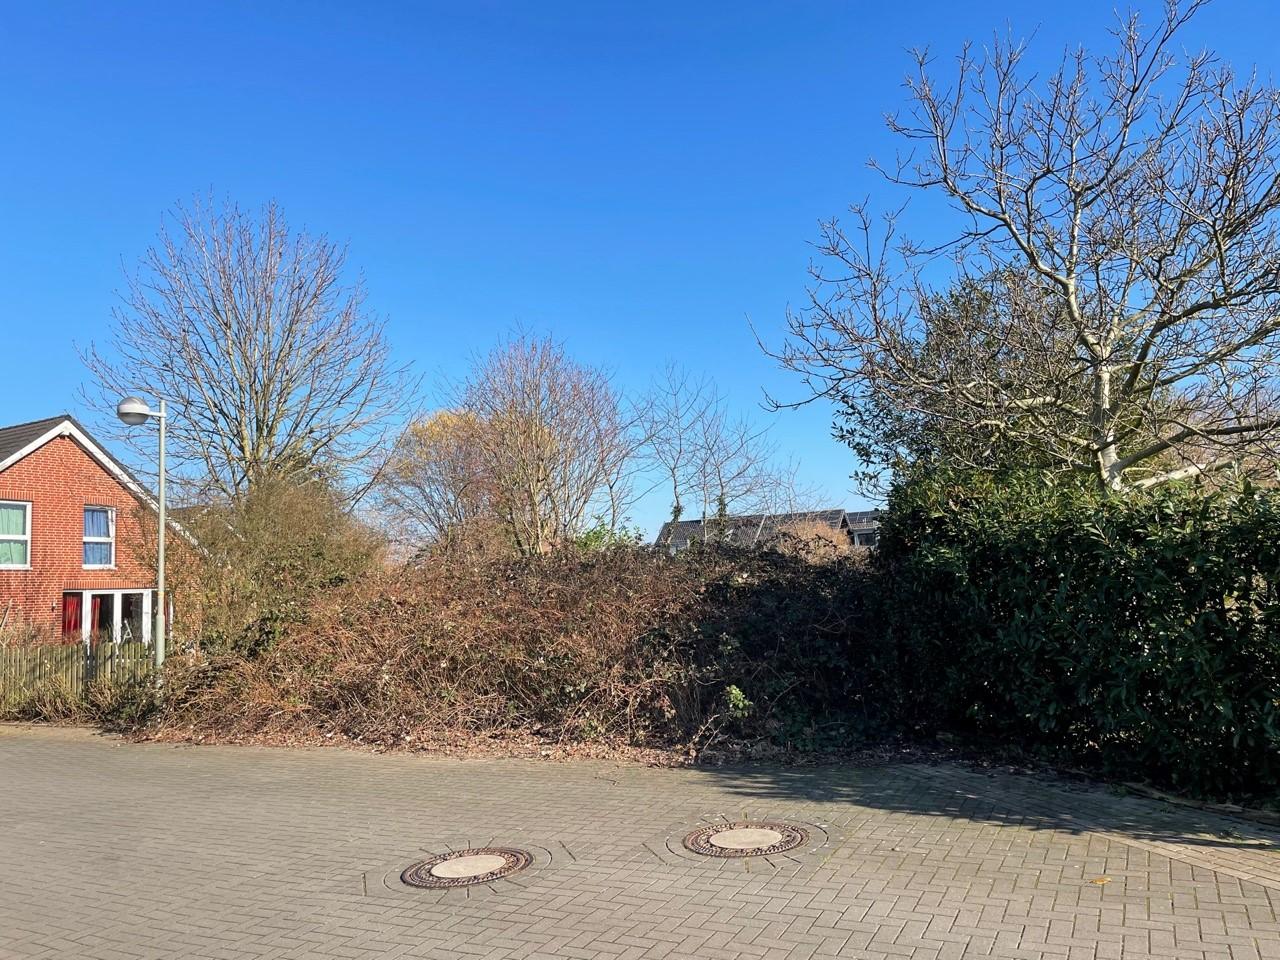 Immobilie Nr.0337 - Baugrundstück für eine DHH rechtsbündig - Bild 2.jpg